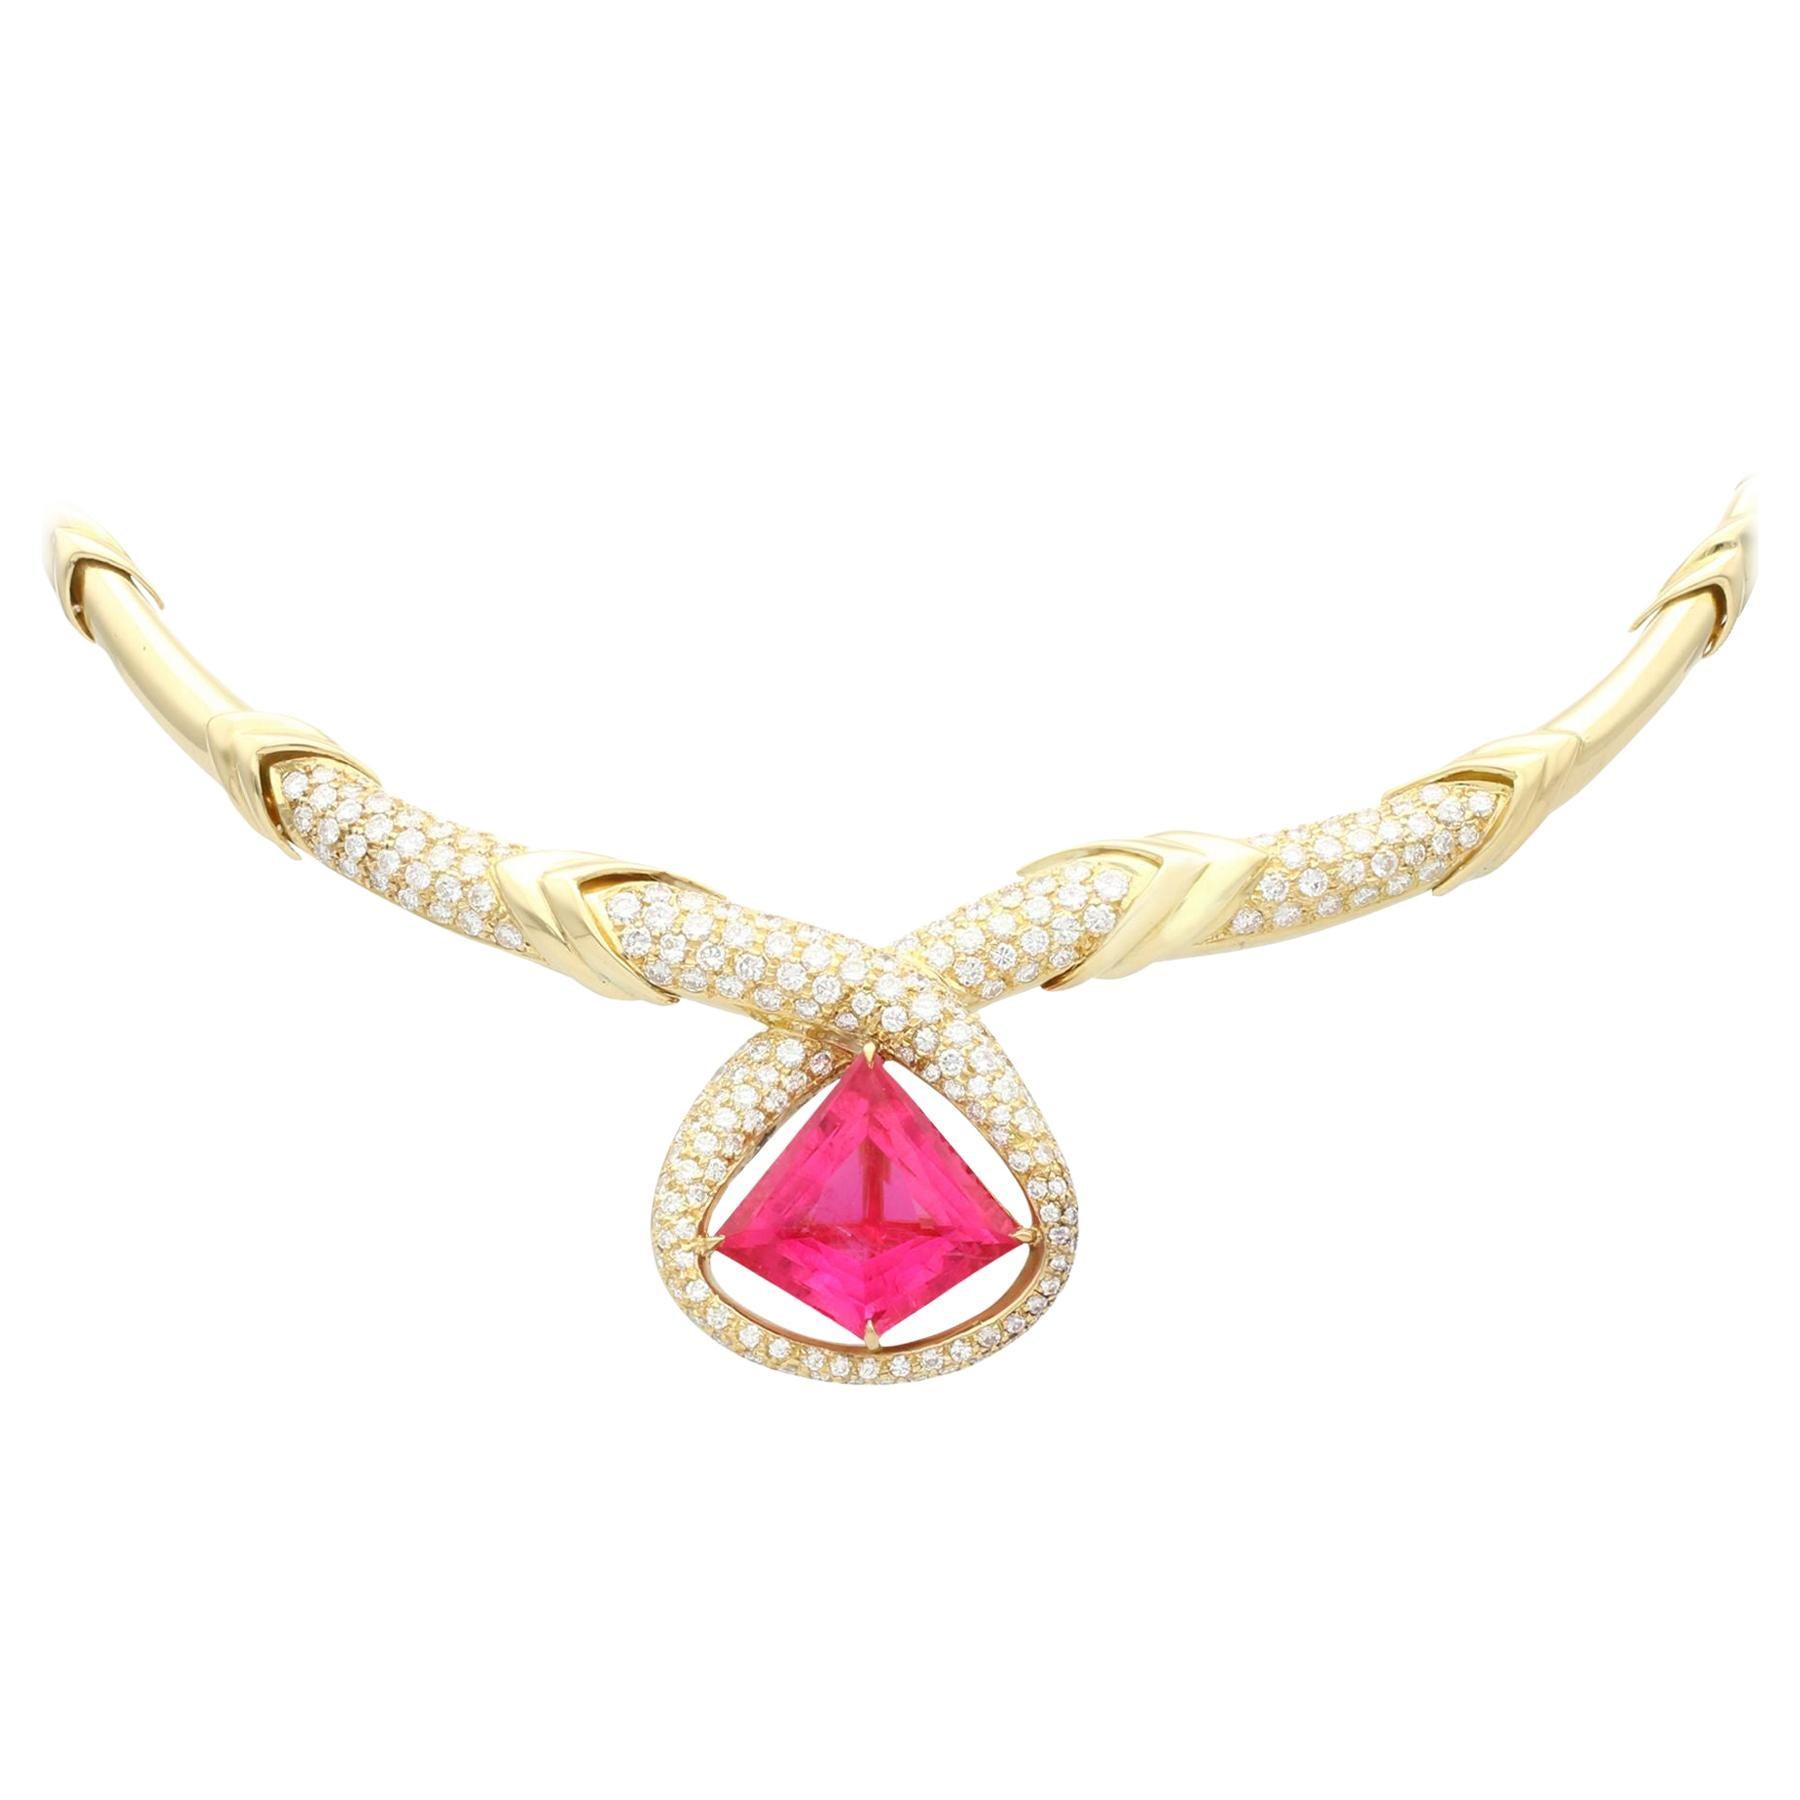 Italian 15.65 Carat Pink Tourmaline and 6.90 Carat Diamond Yellow Gold Necklace